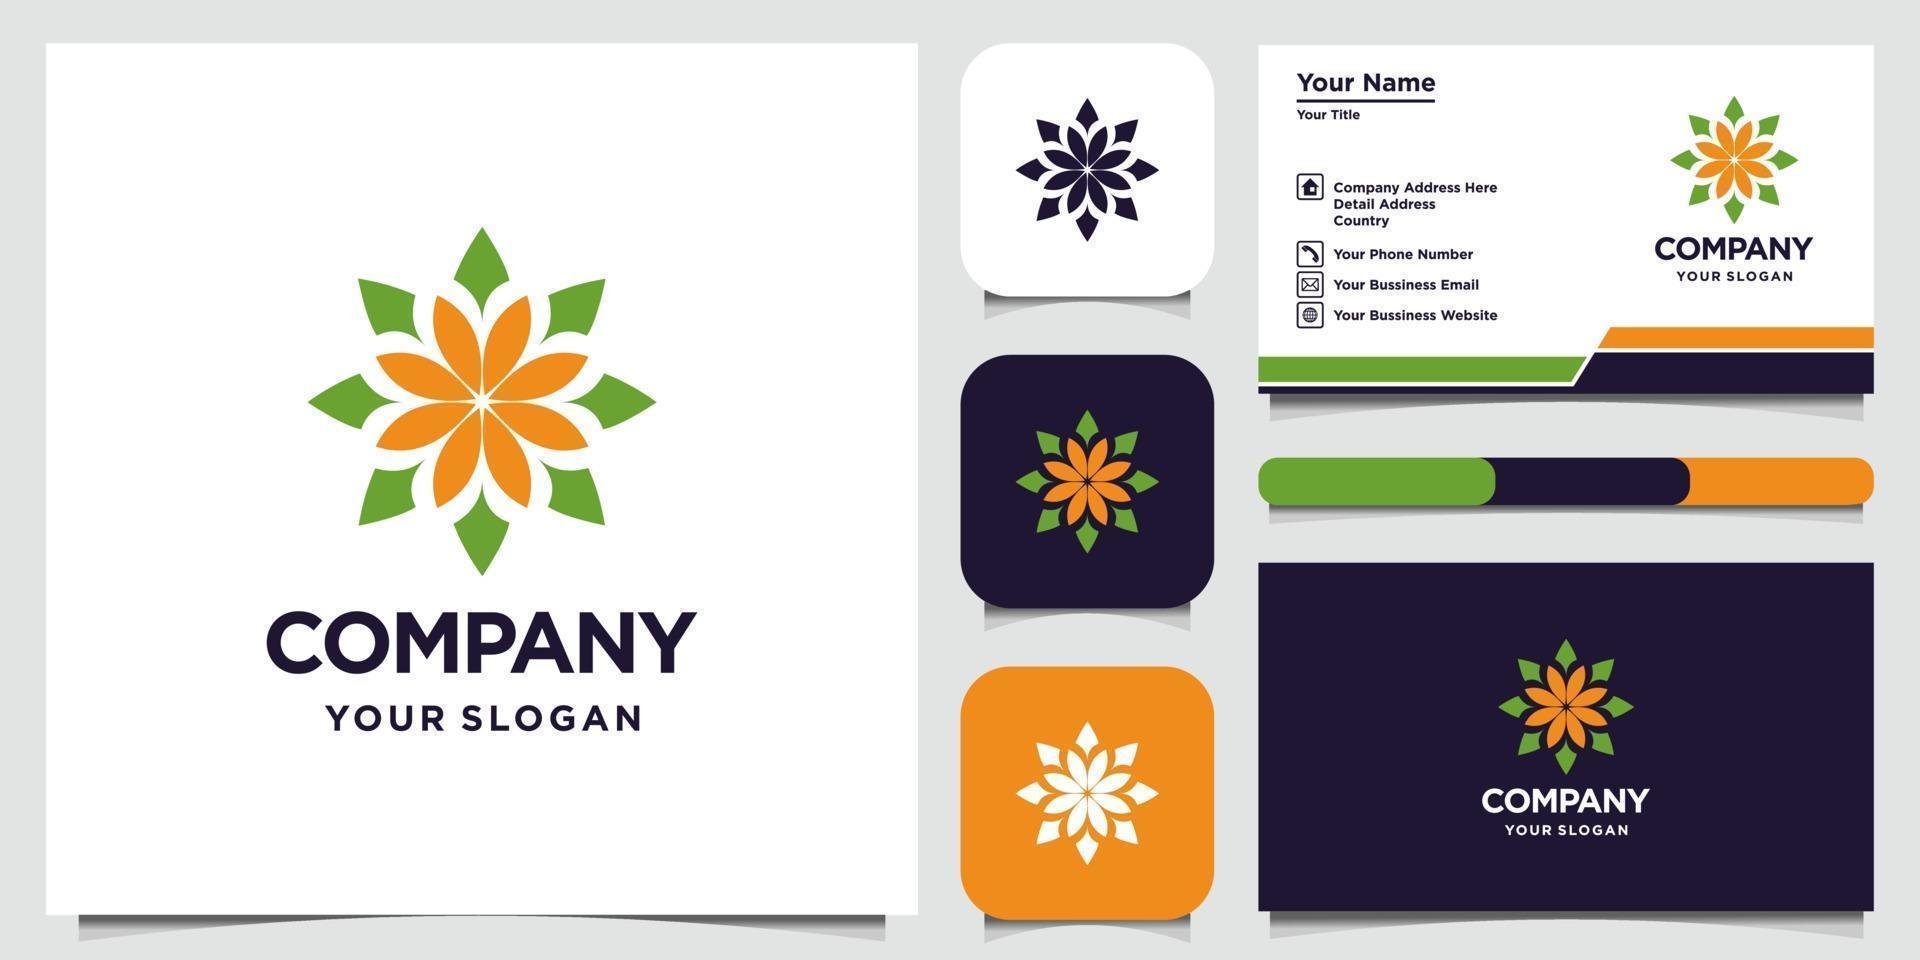 disegno del logo fiore astratto con logo in stile arte linea e biglietto da visita vettore